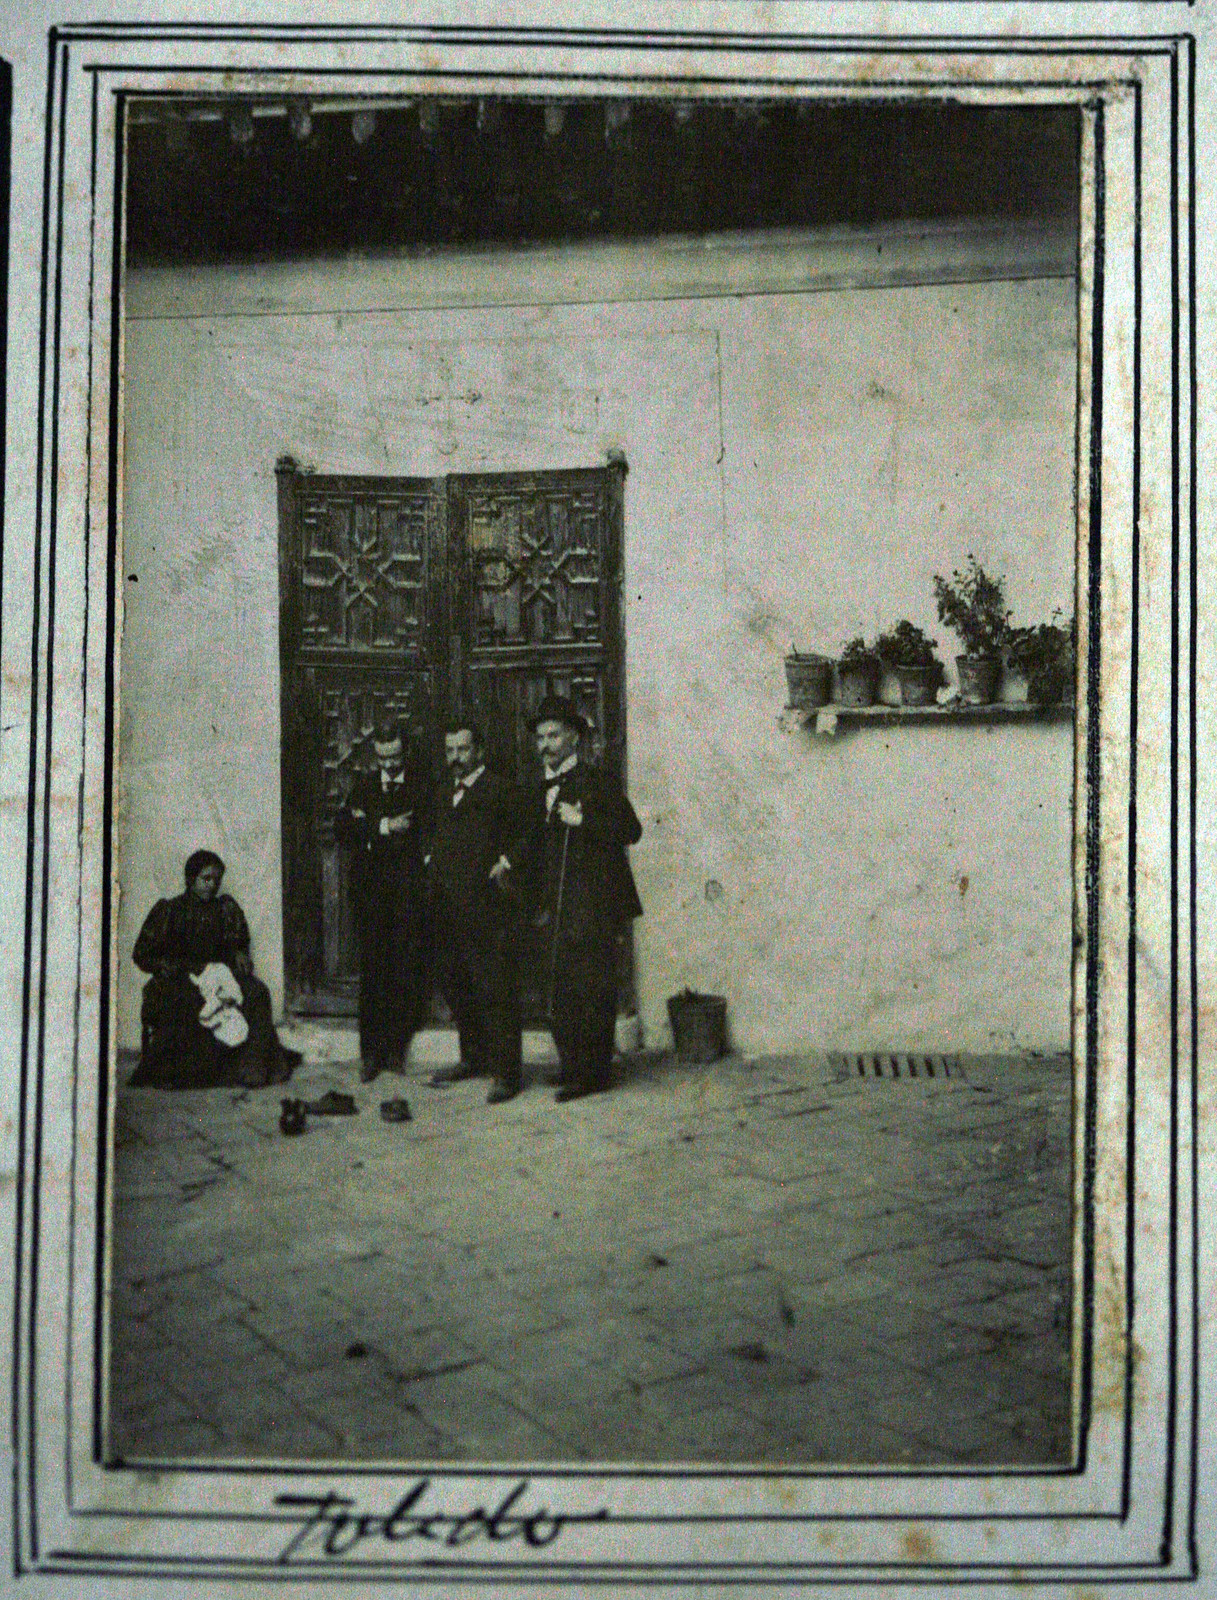 Patio de la casa del Greco en Toledo en 1895. Fotografía de Ulpiano Checa. Coleción personal de Ángel Benito.